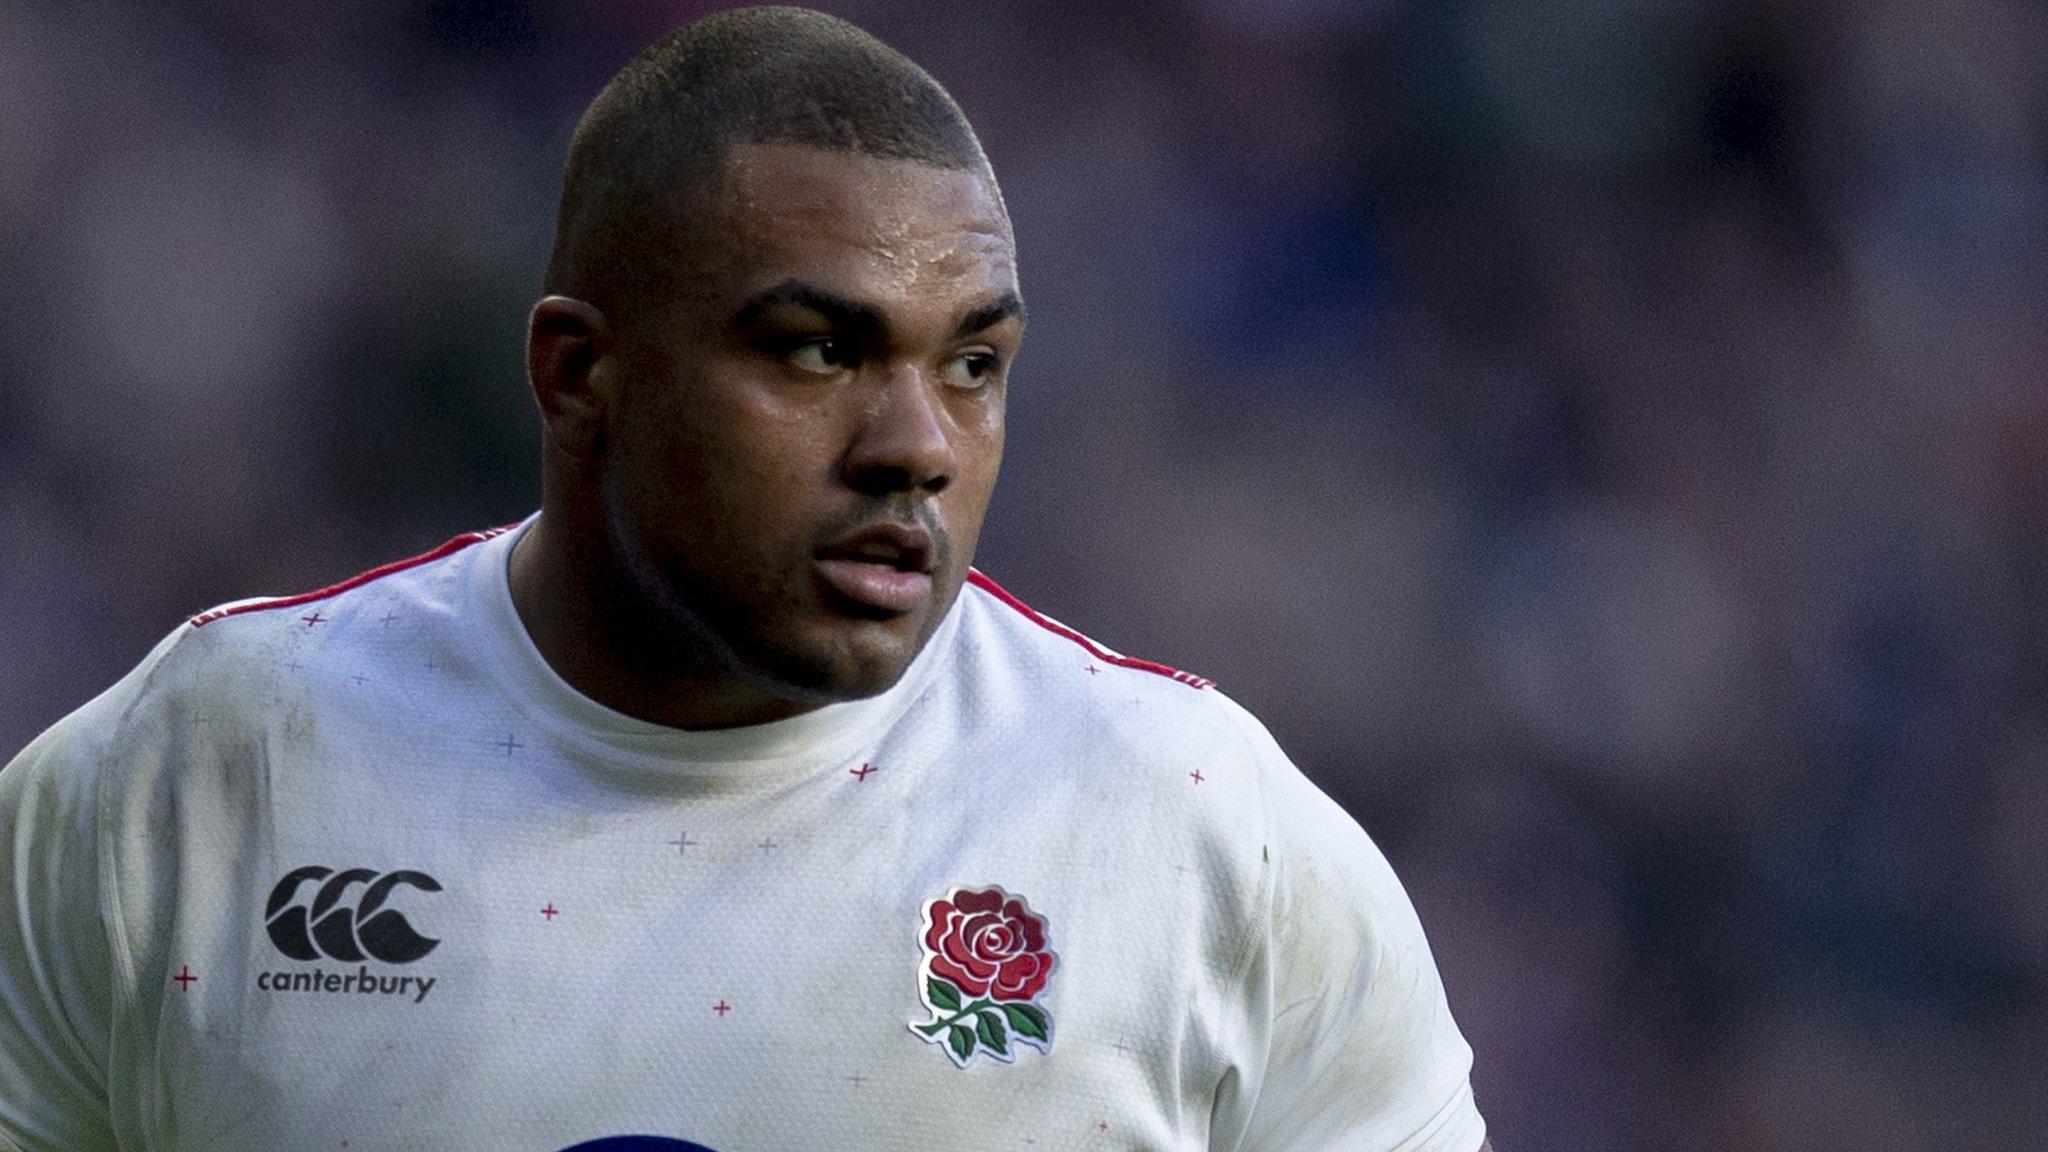 Six Nations: Wales will not target Kyle Sinckler - Warren Gatland